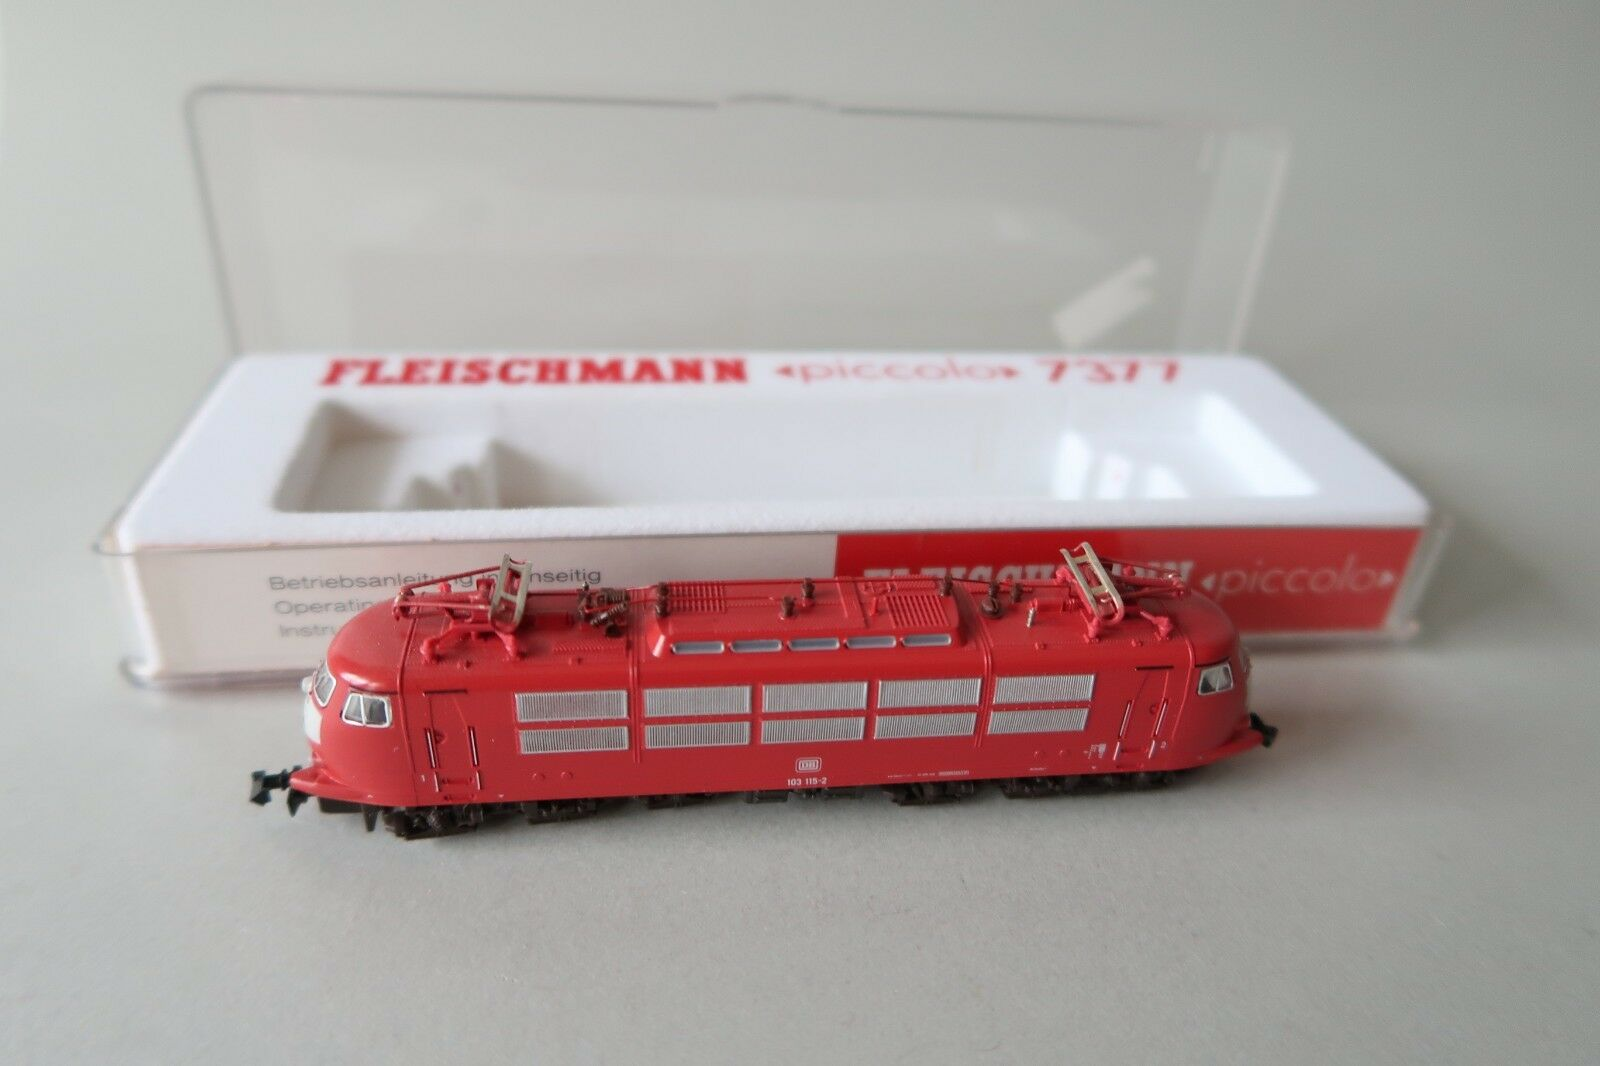 de moda Fleischmann n 7377 e-Lok br 103 115-2 DB (dv009-62s5 1) 1) 1)  compra en línea hoy